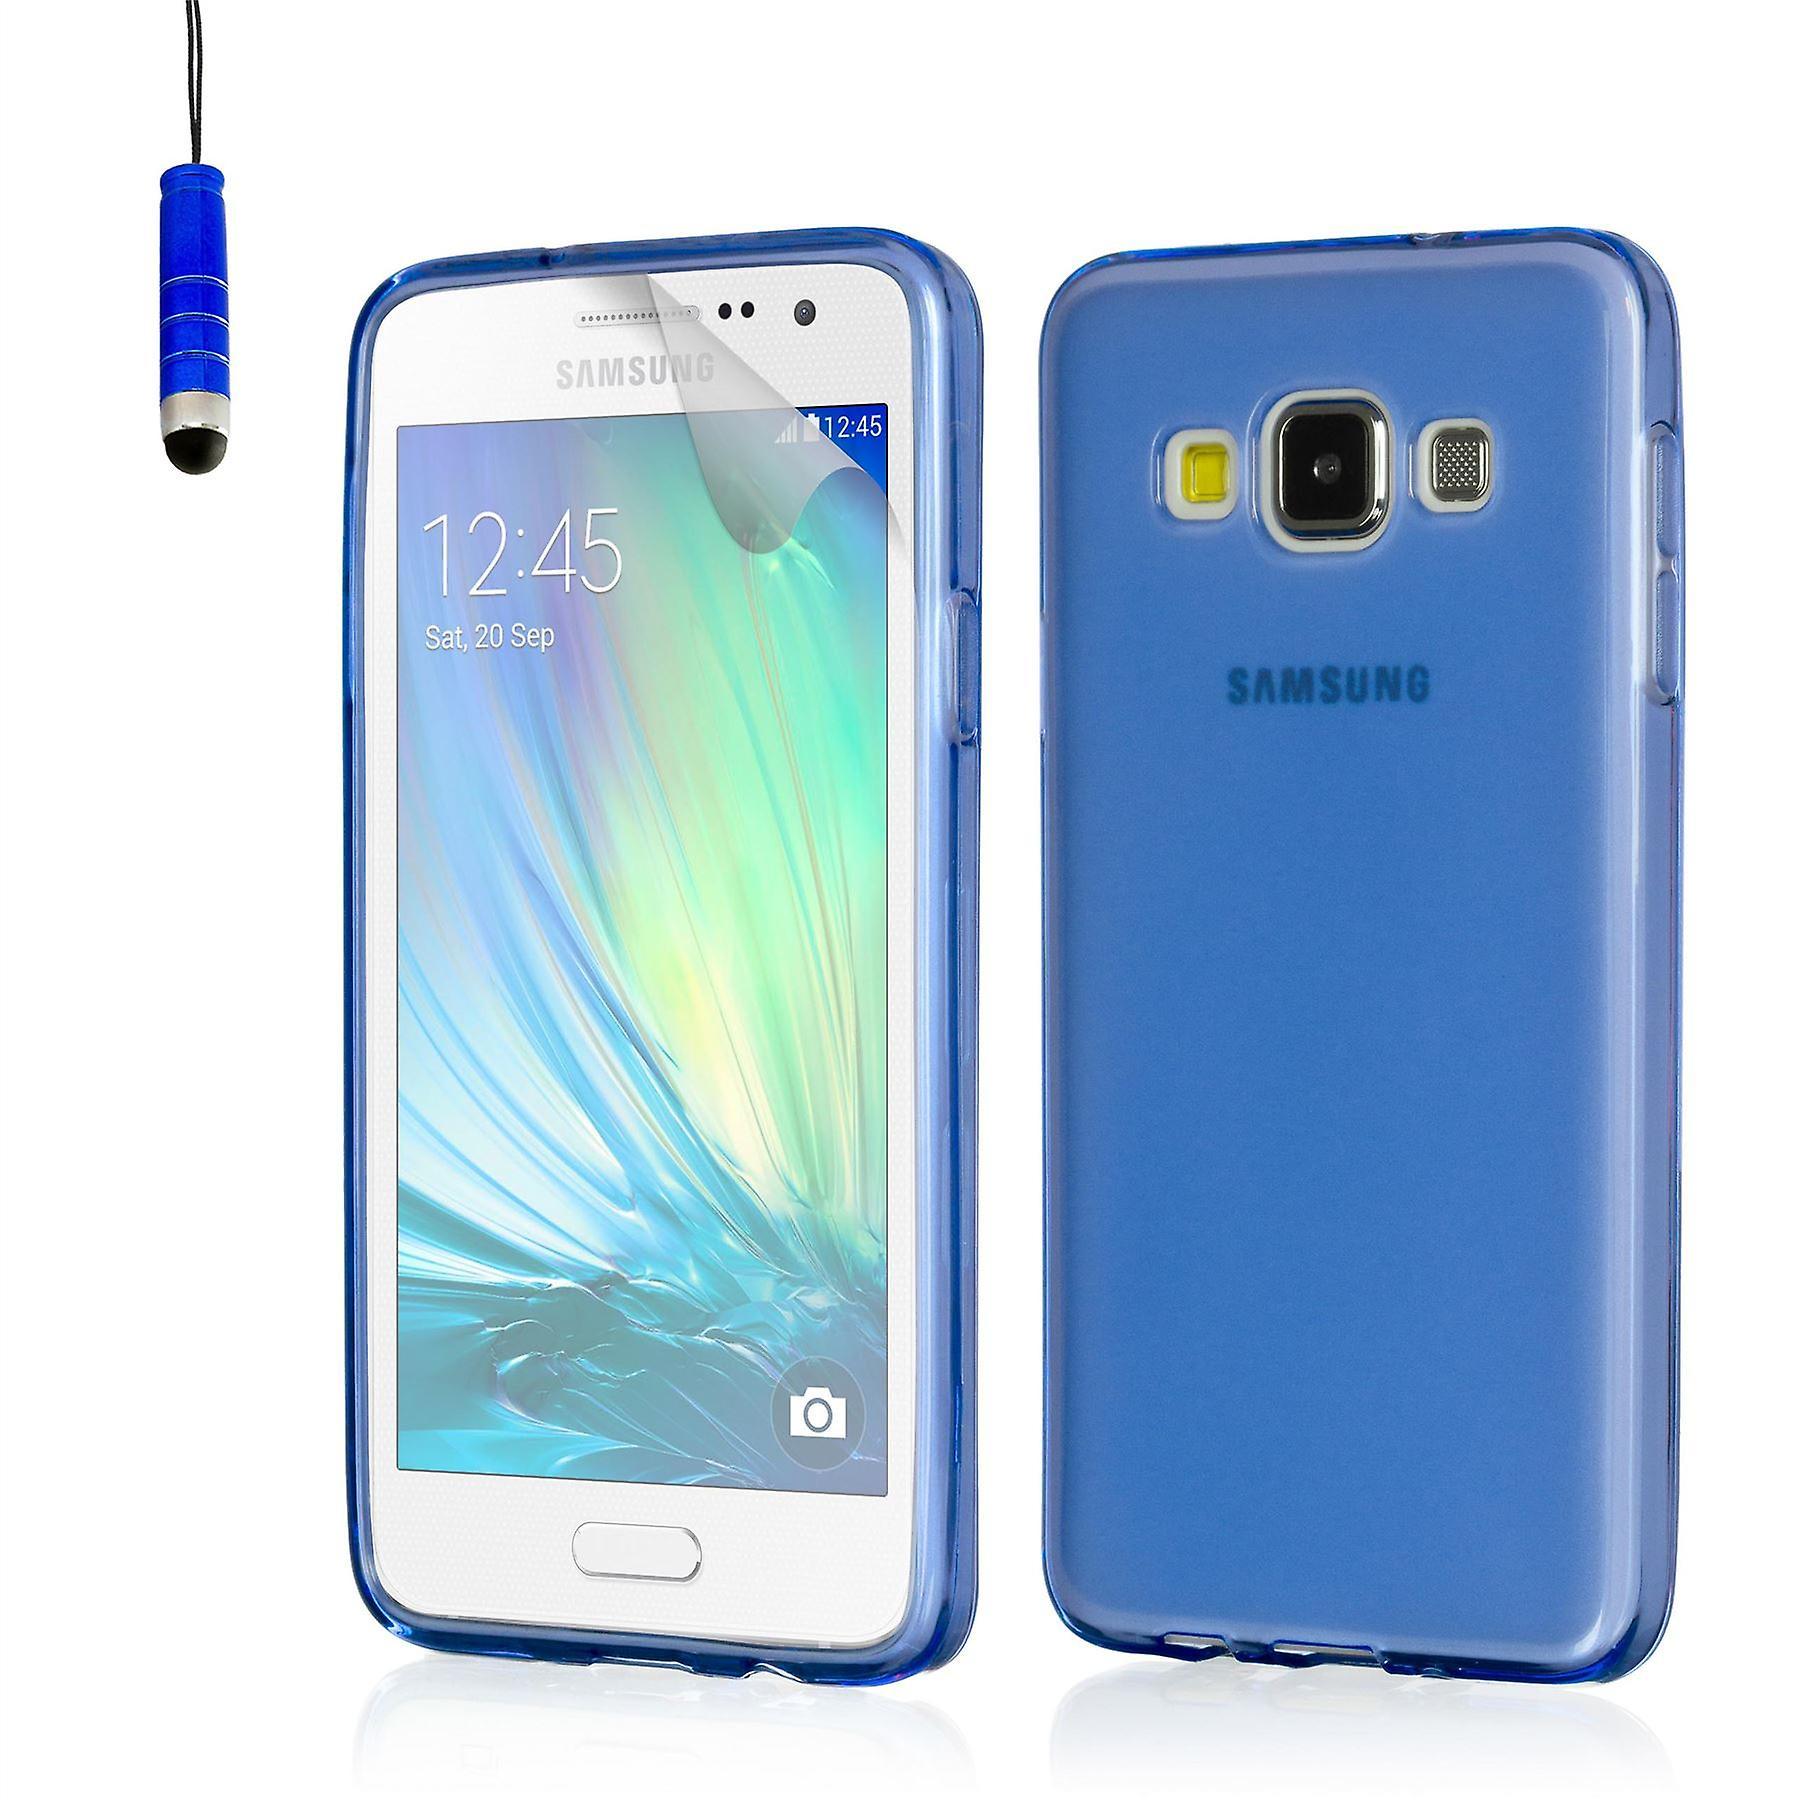 Crystal gel case for Samsung Galaxy A3 SM-A300 (2015) - Deep Blue